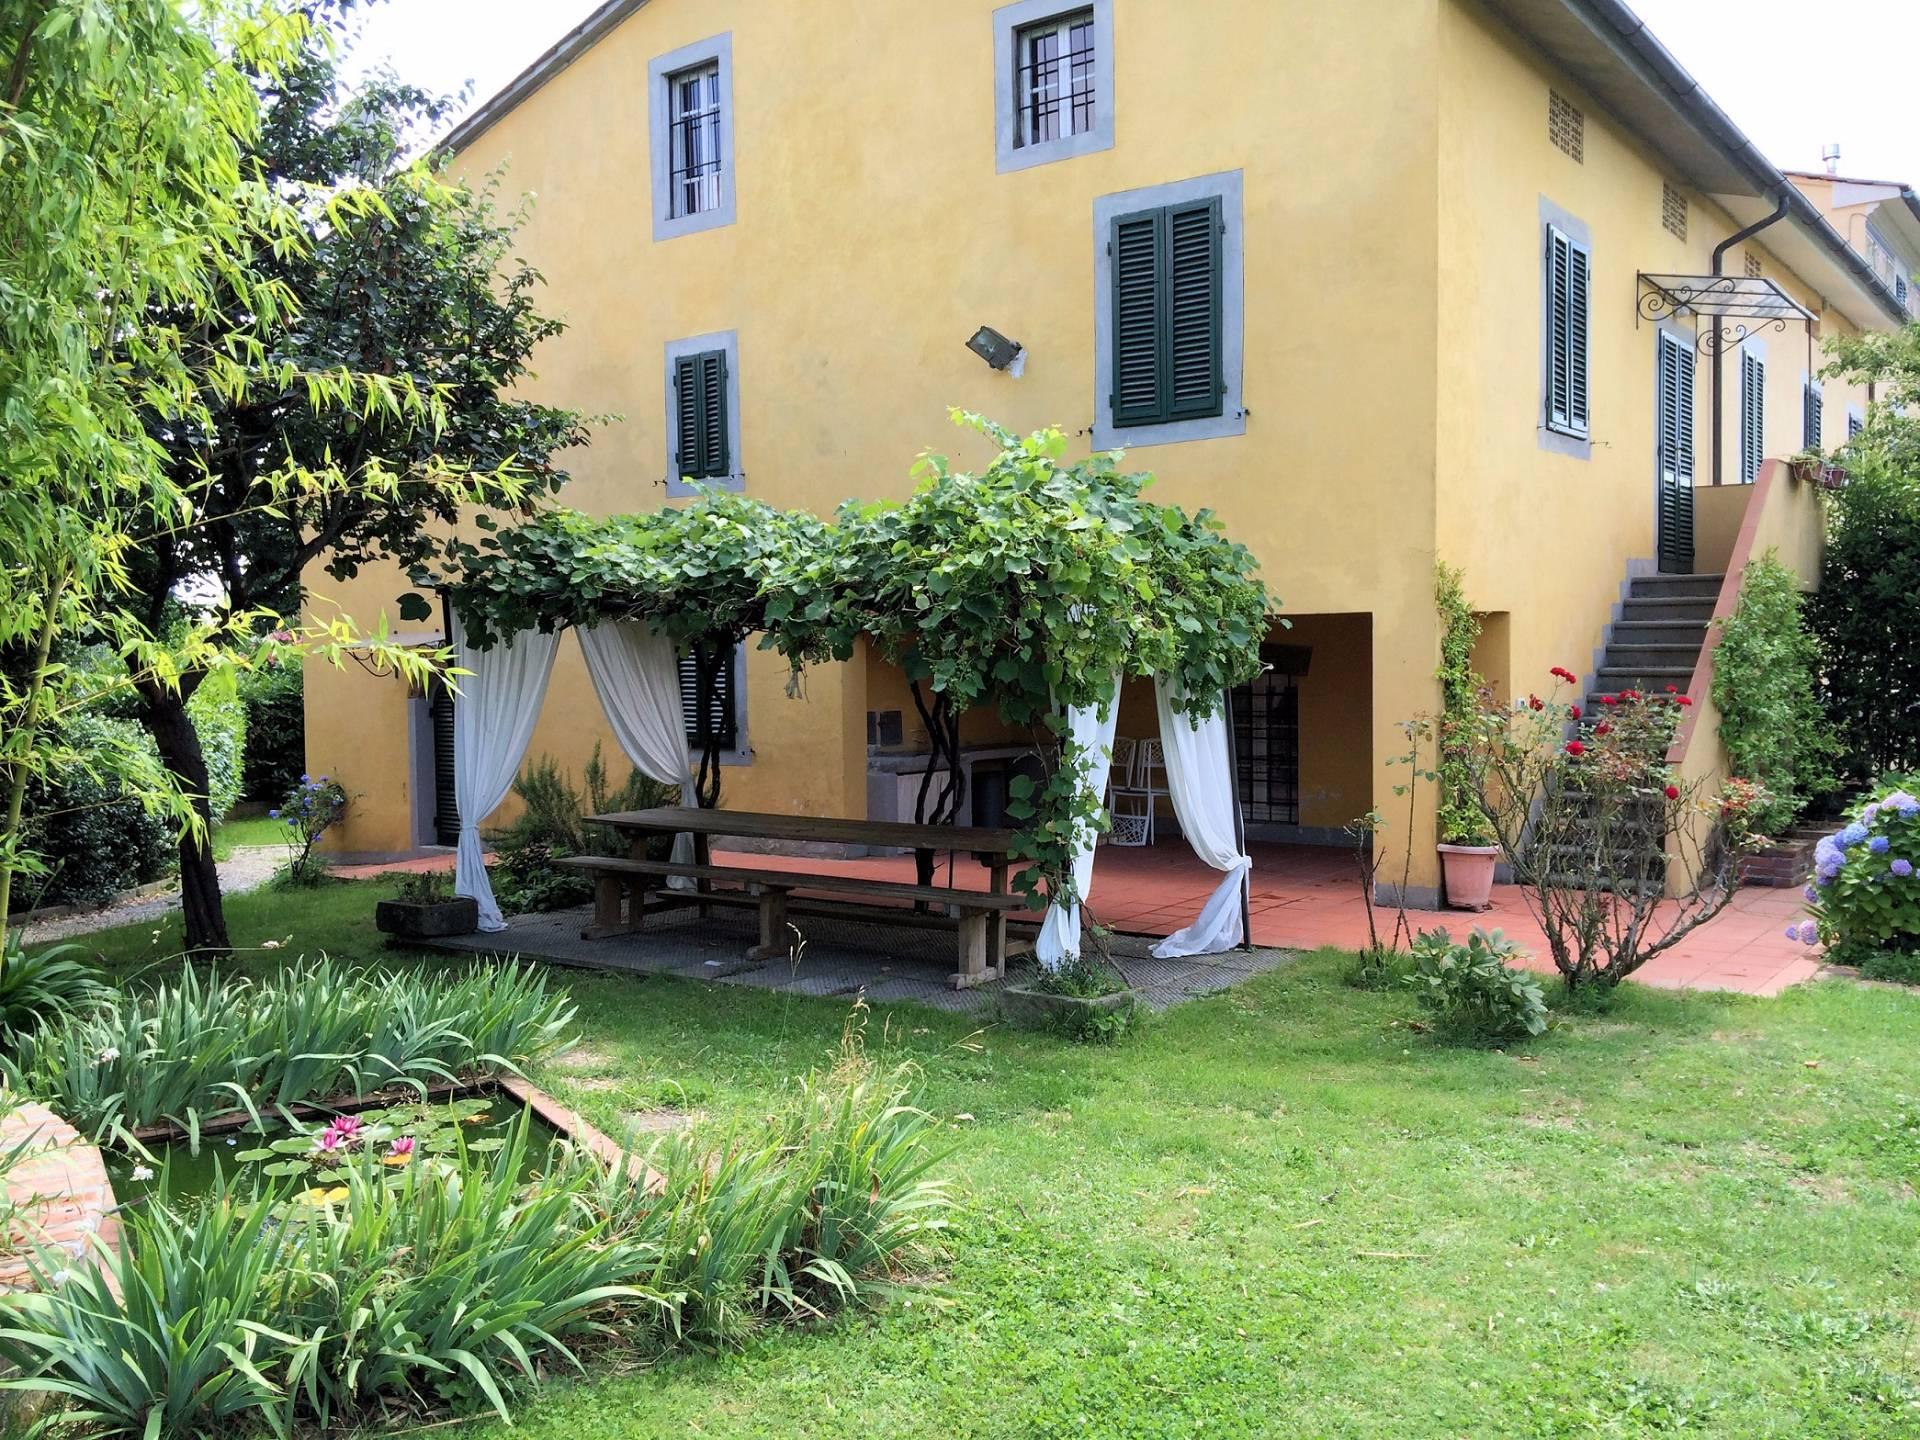 Rustico / Casale in vendita a Montecarlo, 9 locali, prezzo € 450.000 | CambioCasa.it